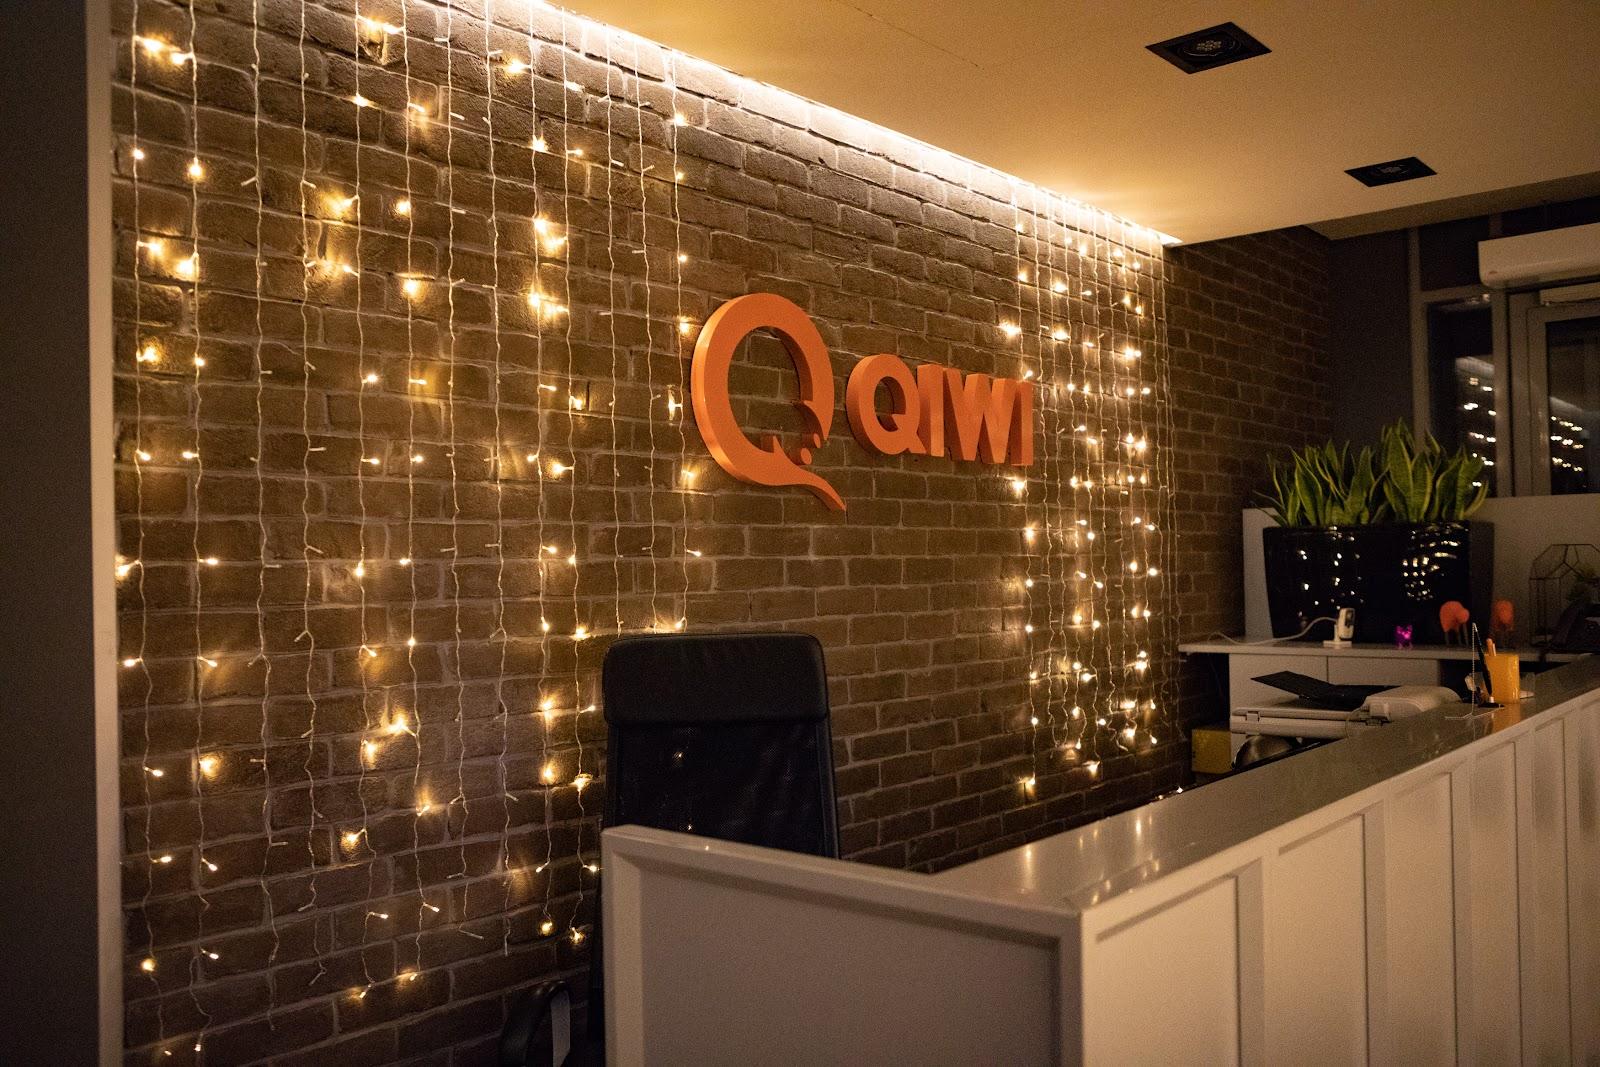 Новый год в QIWI: Эко-елки со смыслом, дополненный дизайн и много света, QIWI, фантазия айтишников, концепт-дизайн, особенности управления персоналом, сбор новогодних подарков, процесс управления персоналом, Праздничное настроение, элементы новогоднего декора